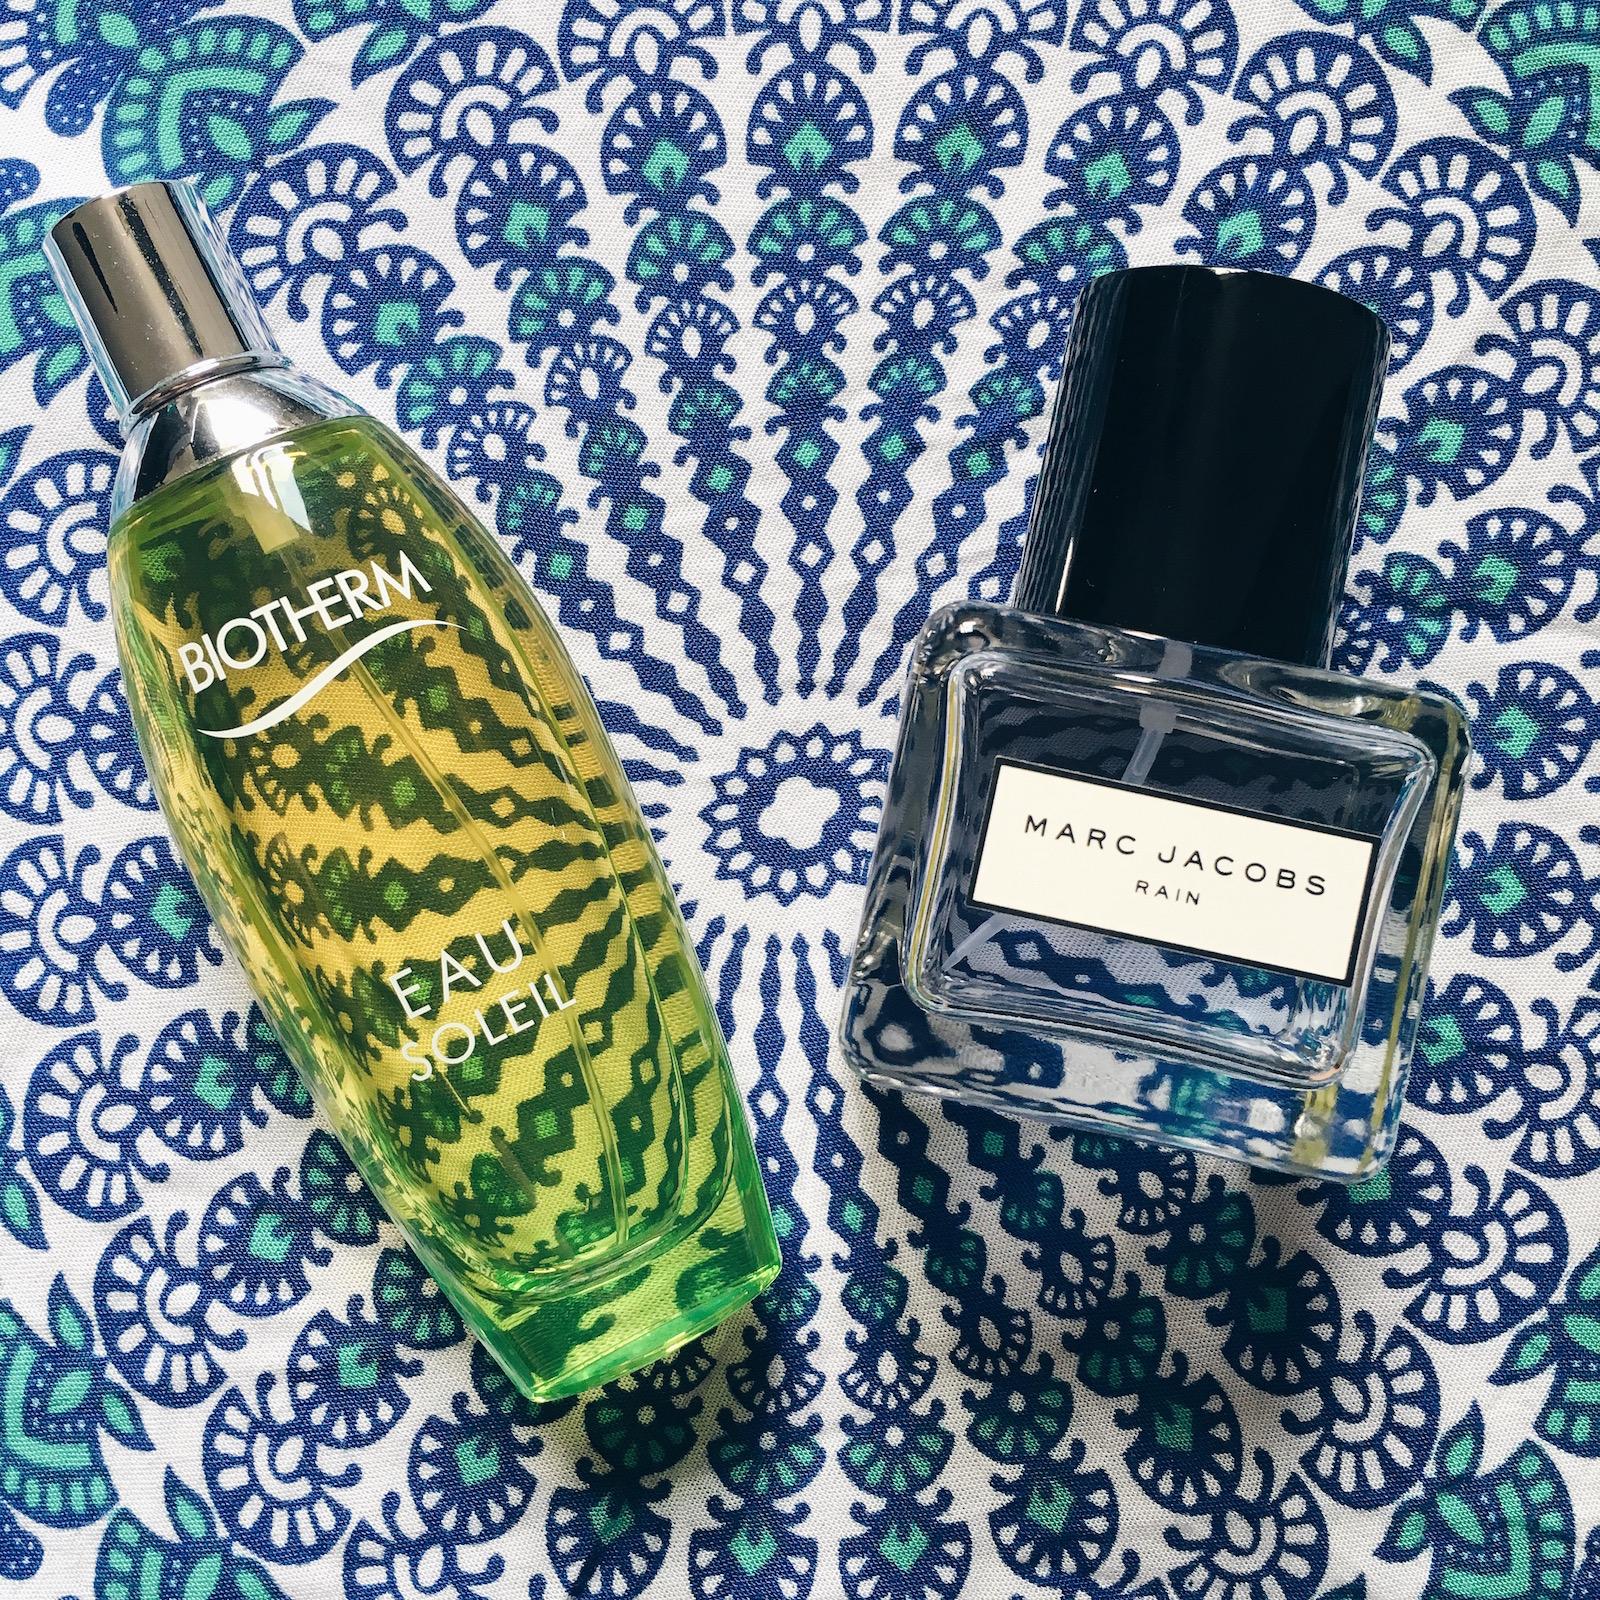 Parfum Biotherm Eau Soleil Marc Jacobs Rain